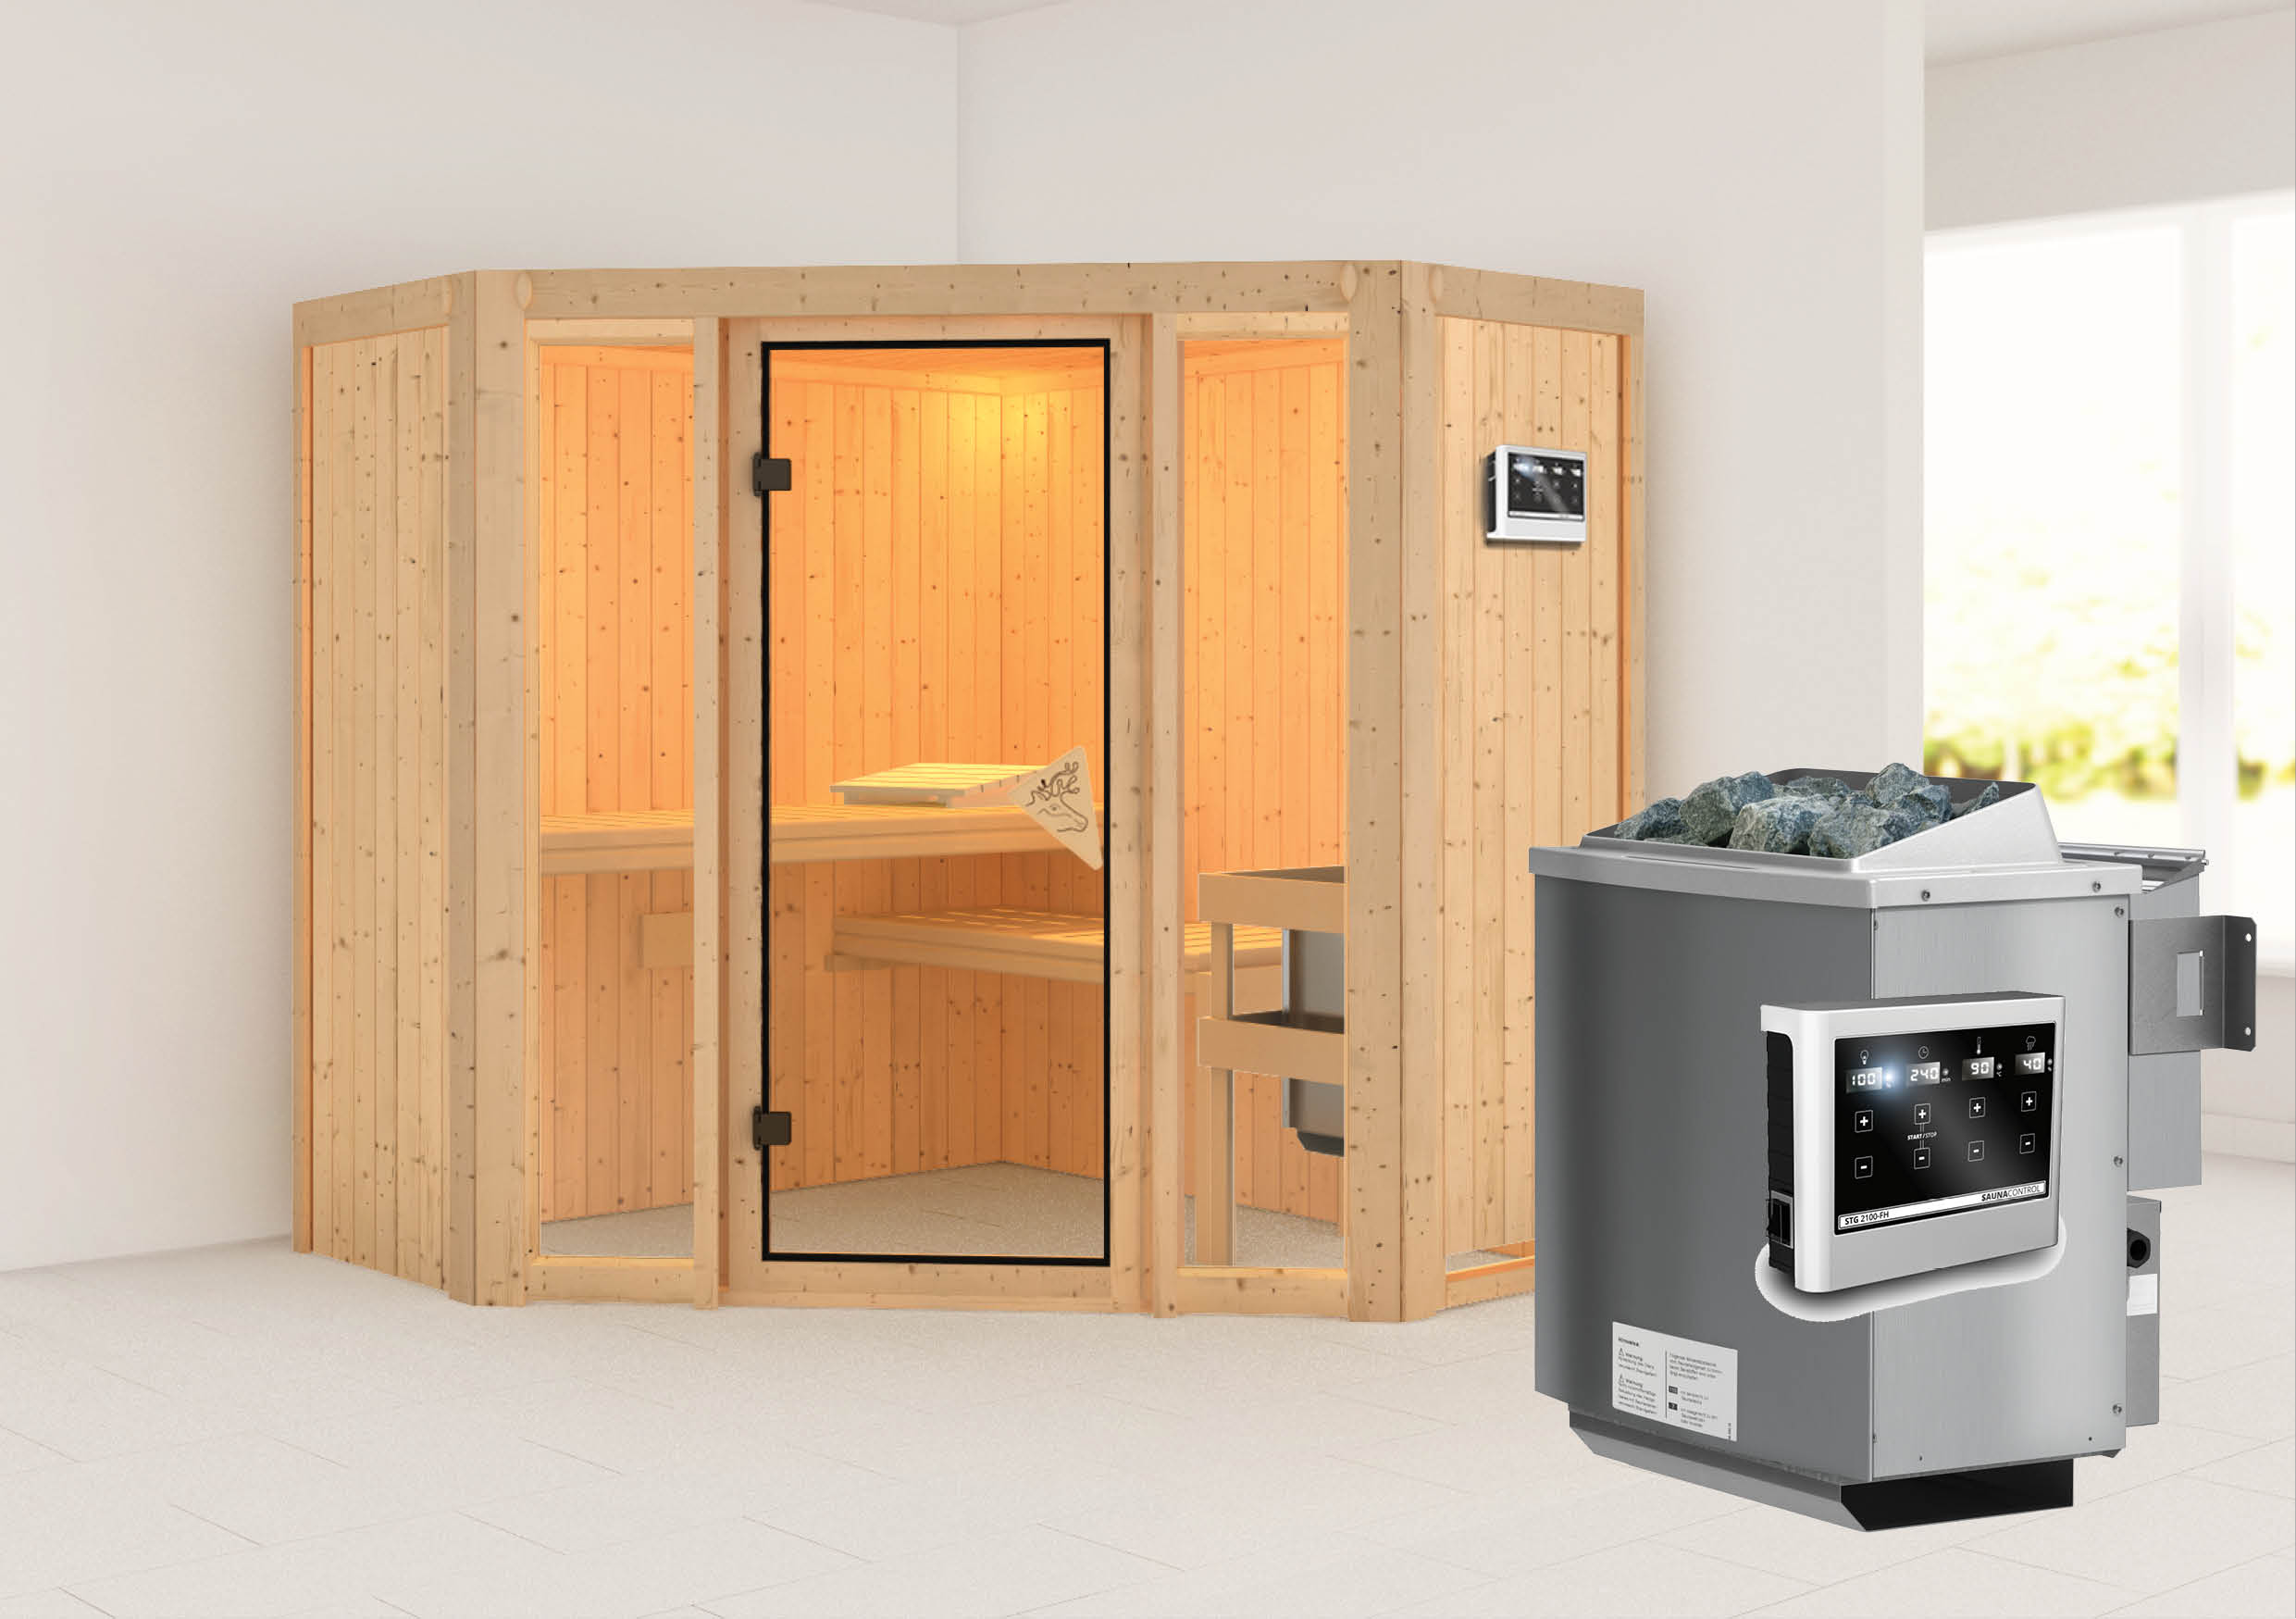 karibu sauna flora 1 1 96 x 1 96 m 68 mm mit 9 kw ofen saunakabine elementsauna ebay. Black Bedroom Furniture Sets. Home Design Ideas